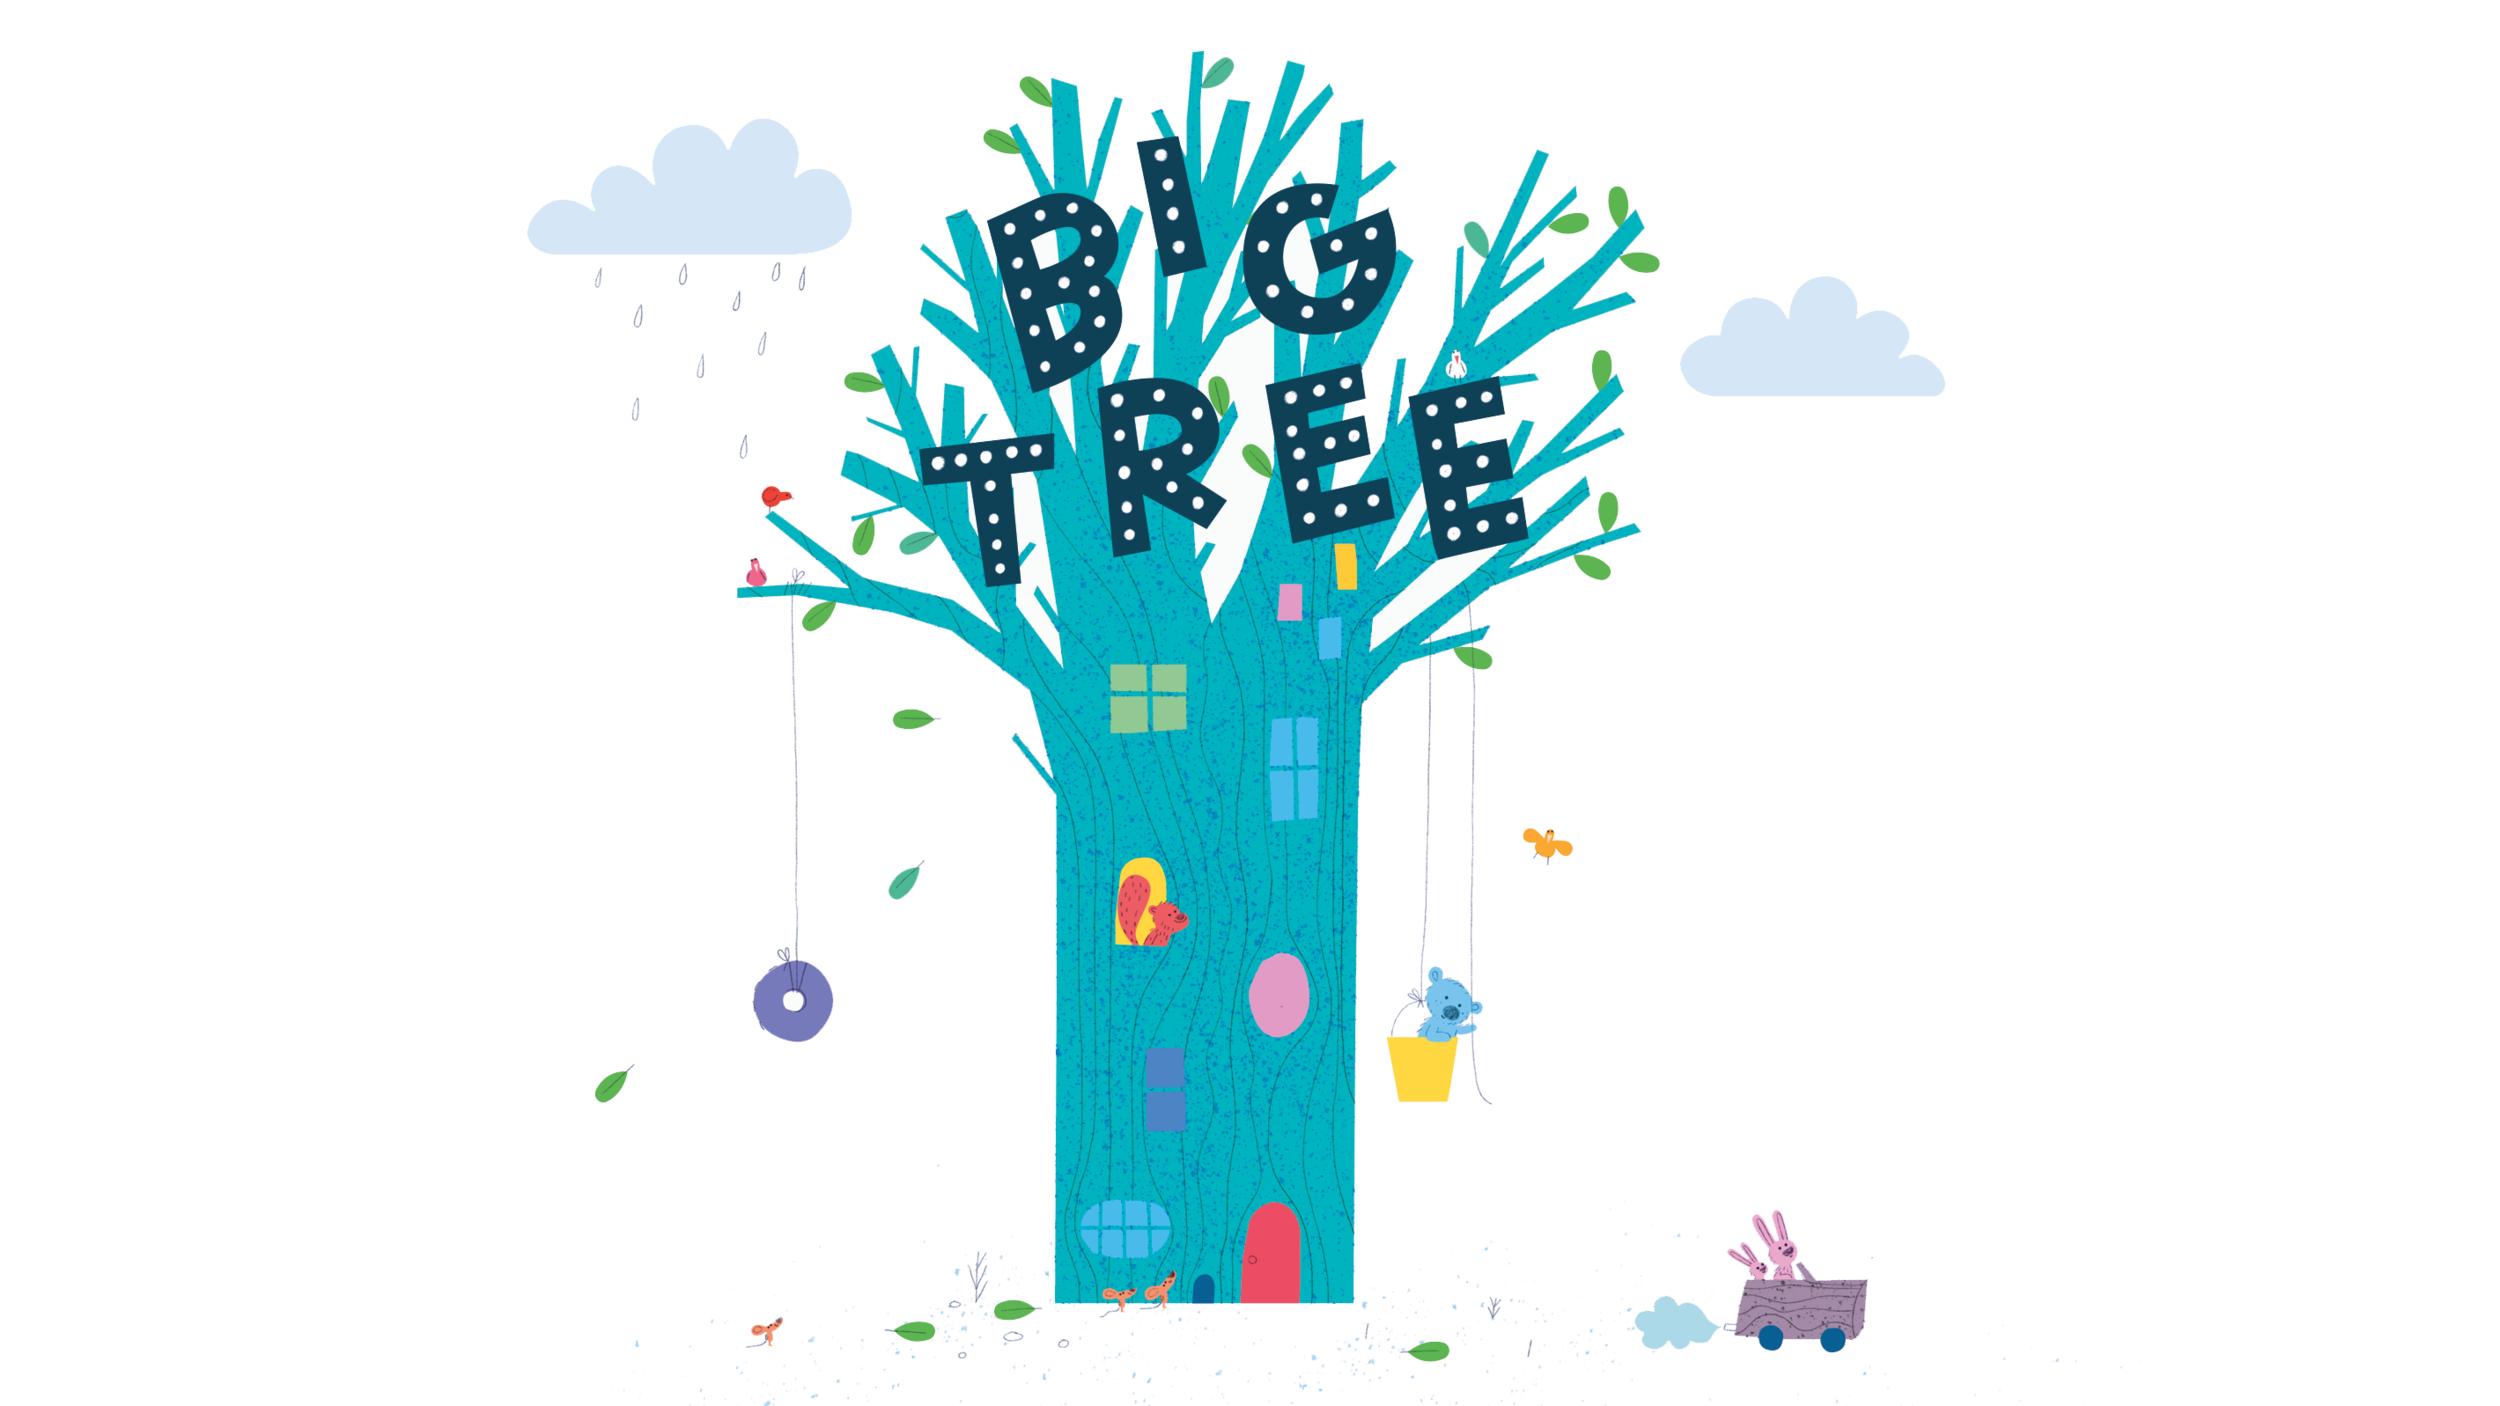 bigtreefinalimage.png